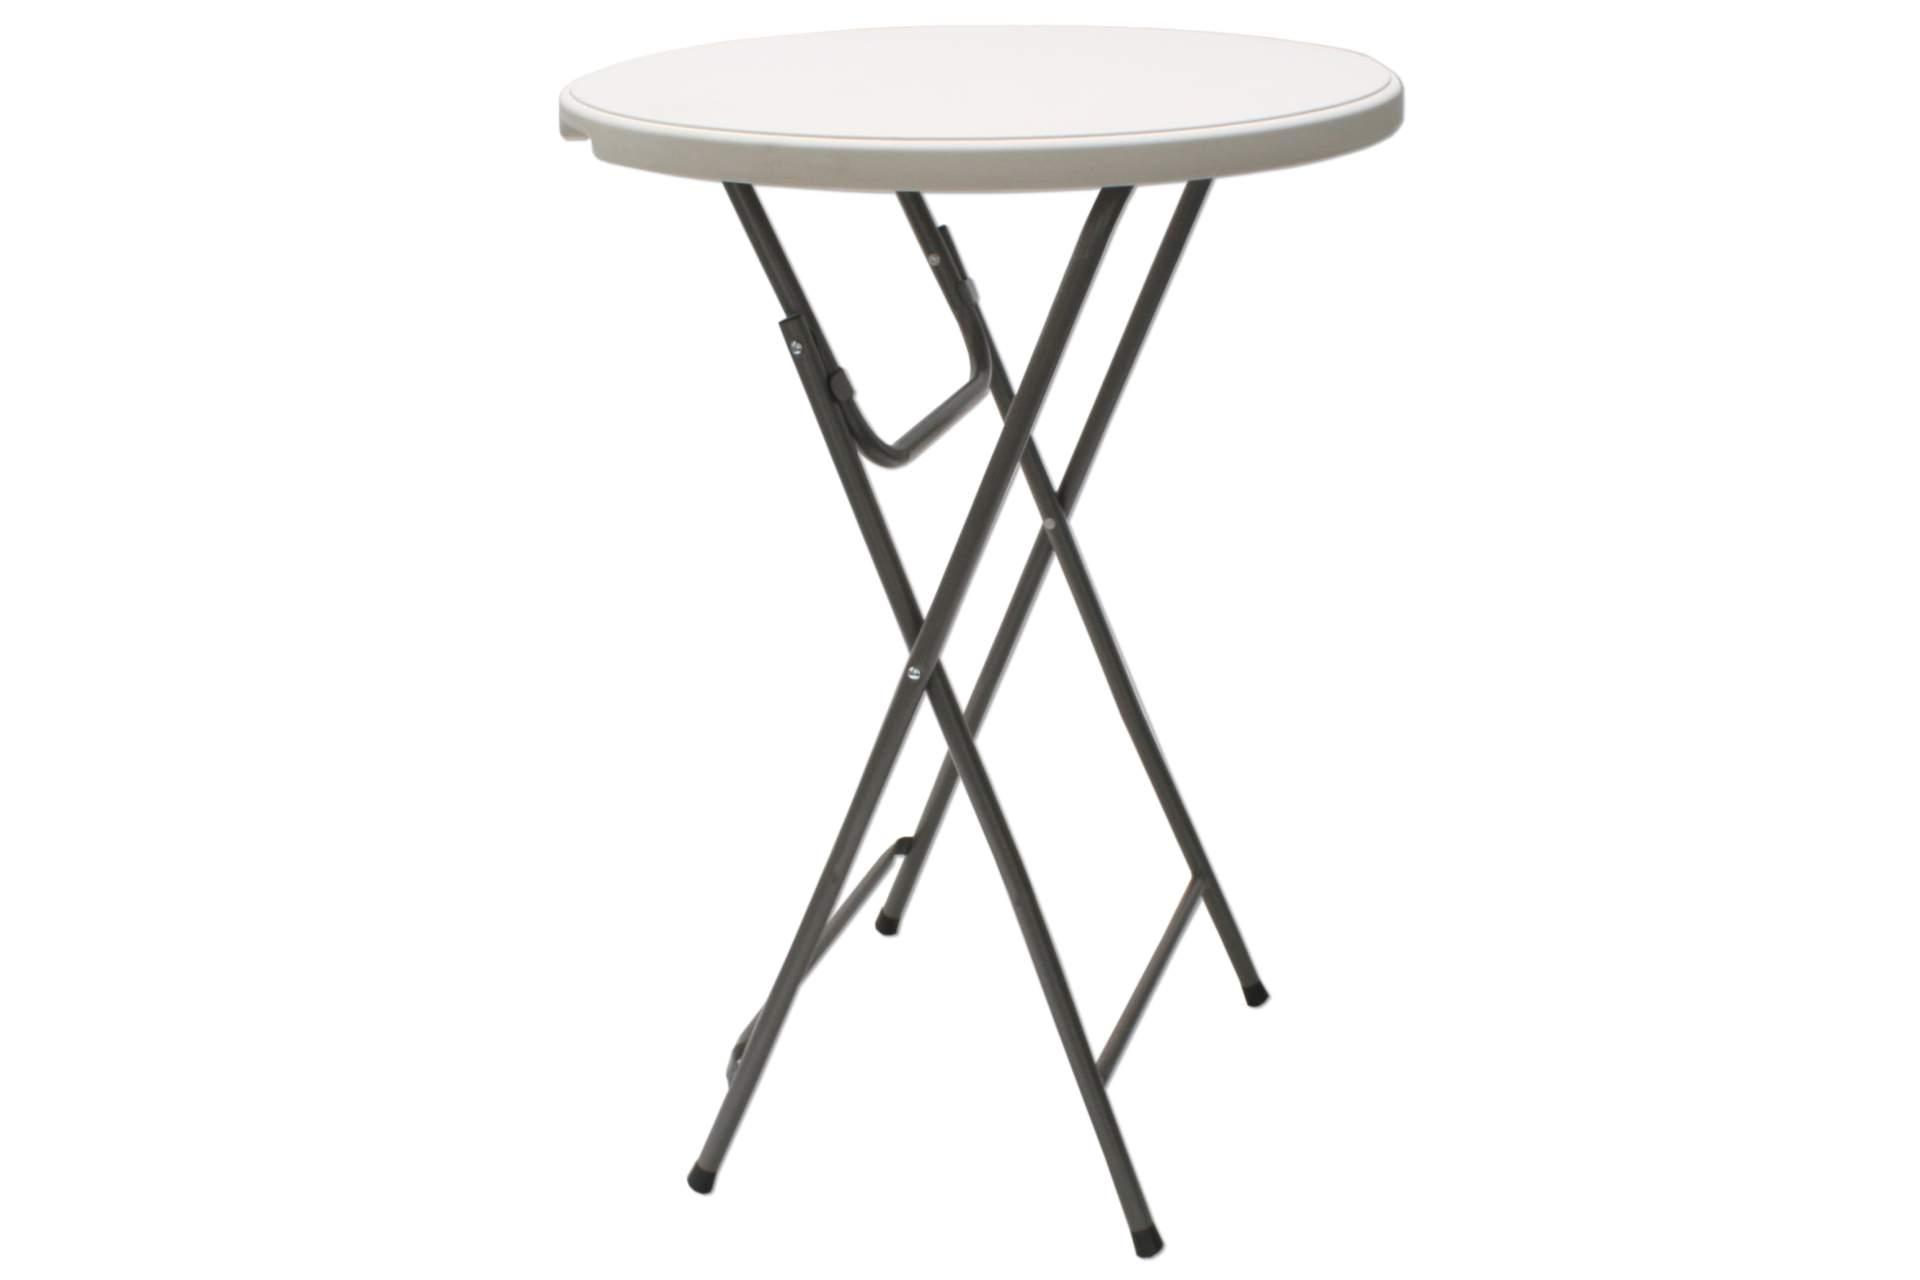 kynast party stehtisch mit platte 80cm weiss klappbar bistrotisch bartisch tisch ebay. Black Bedroom Furniture Sets. Home Design Ideas